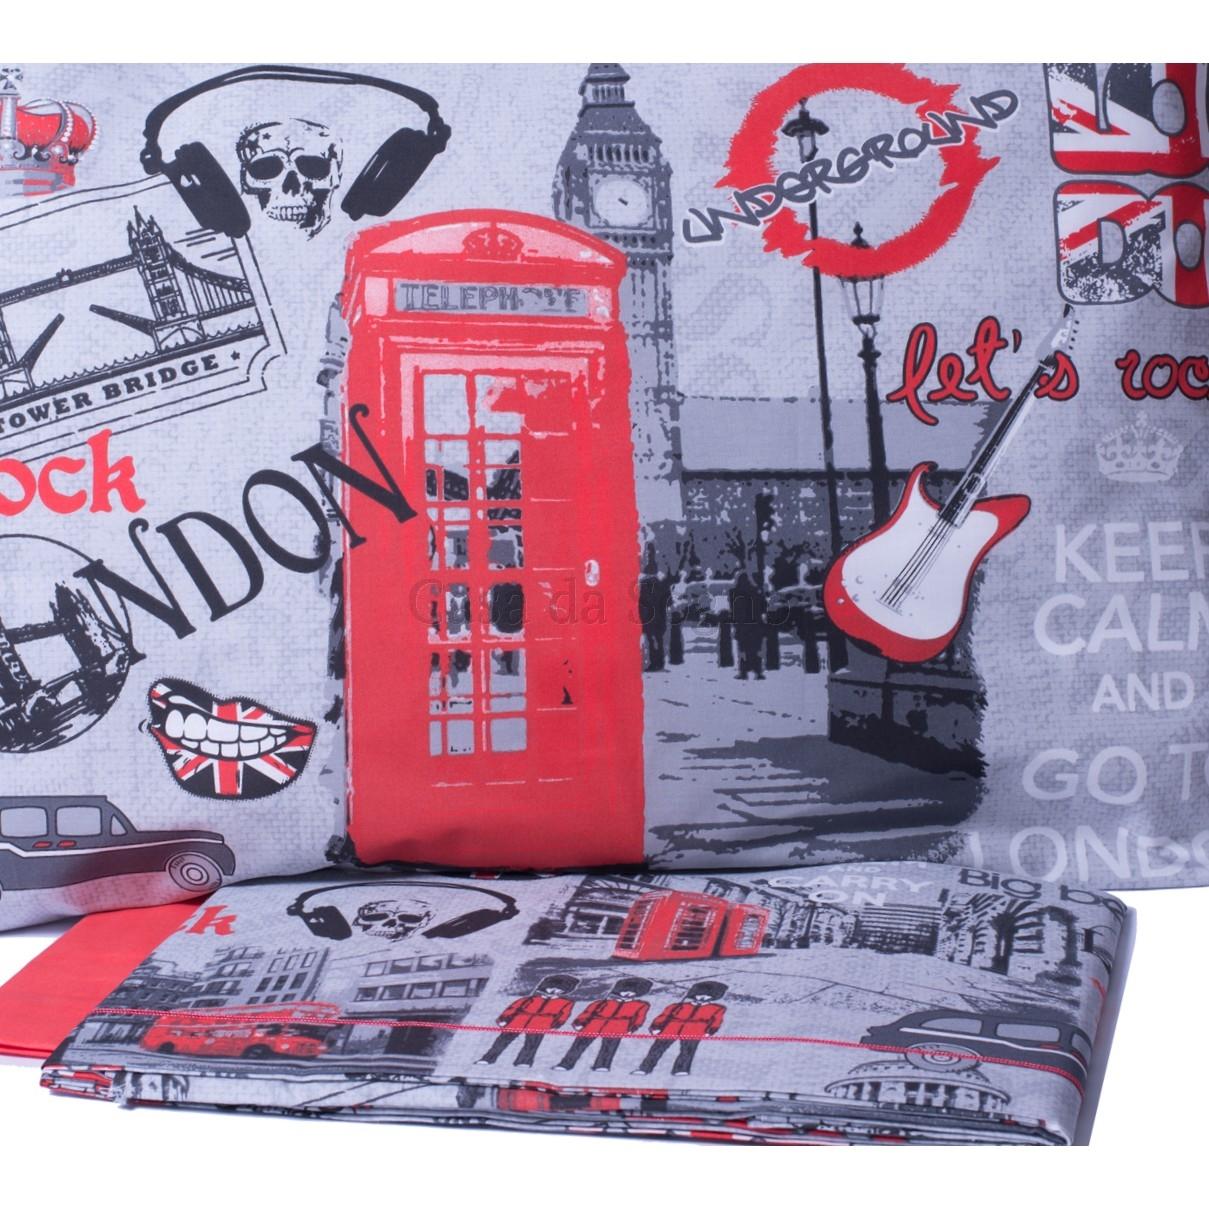 Copripiumino Londra Singolo.Parure Copripiumino Singolo Londra Casadasogno